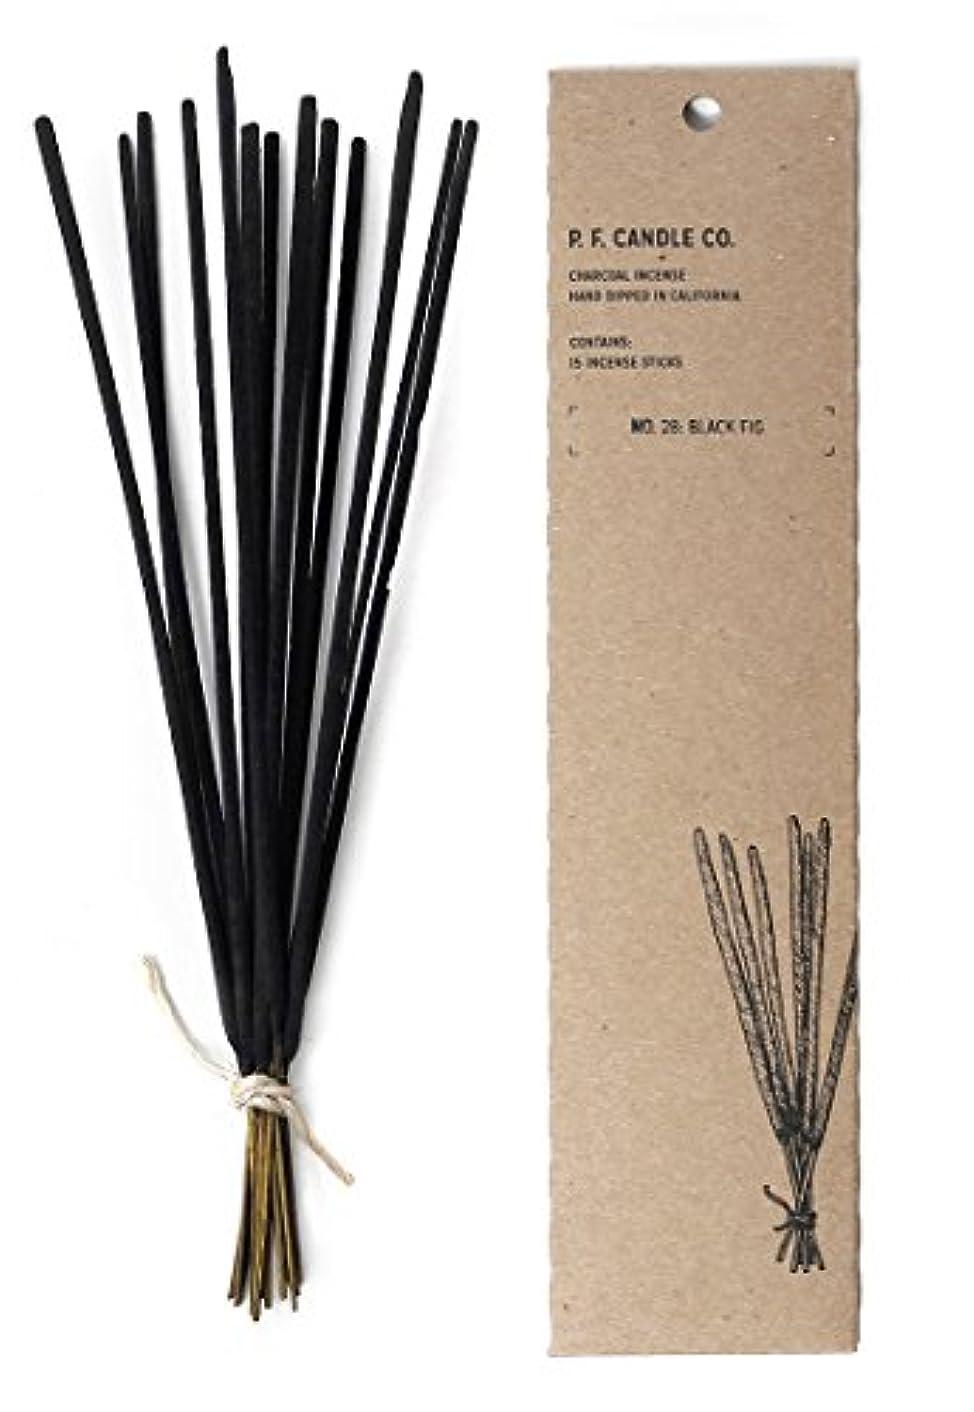 肥料唇病なp.f. Candle Co。No。28 :ブラックFig Incense ( 2 - Pack )